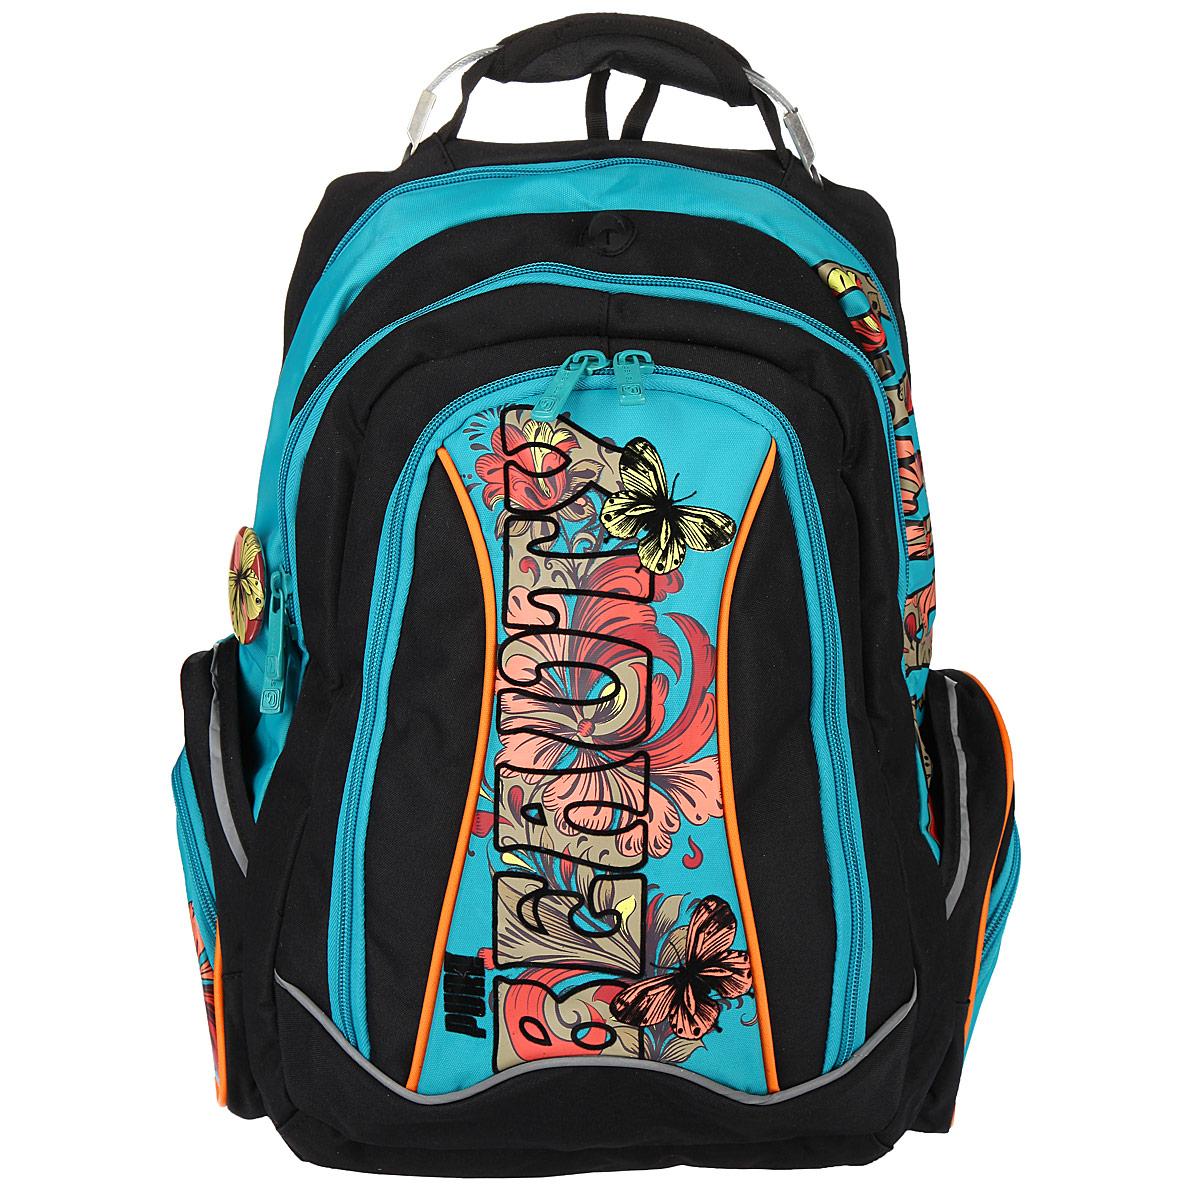 Рюкзак школьный Steiner BEAUTY, цвет: черный, бирюзовый. 12-252-15312-252-153Эргономичный школьный рюкзак с ортопедической спинкой Steiner BEAUTY выполнен из современного пористого материала, отличающегося легкостью, долговечностью и повышенной влагостойкостью. Изделие оформлено изображением бабочек, цветов и логотипа бренда на лицевой стороне. Рюкзак имеет два основных отделения, которые закрываются на молнии. Внутри главного отделения расположены: два накладных кармана-разделителя на липучках, накладной мягкий карман для планшета или ноутбука на резинке с липучкой. Внутри второго отделения размещен органайзер для письменных принадлежностей, состоящий из пяти накладных карманов, один из которых карман-сетка на молнии. По бокам рюкзака размещены четыре дополнительных накладных кармана, два из которых застегиваются на молнии. В спинку рюкзака встроены два накладных кармана на молниях, внутри верхнего кармана находится кармашек для телефона на липучке. Рельеф спинки рюкзака разработан с учетом особенности детского позвоночника. Рюкзак оснащен...